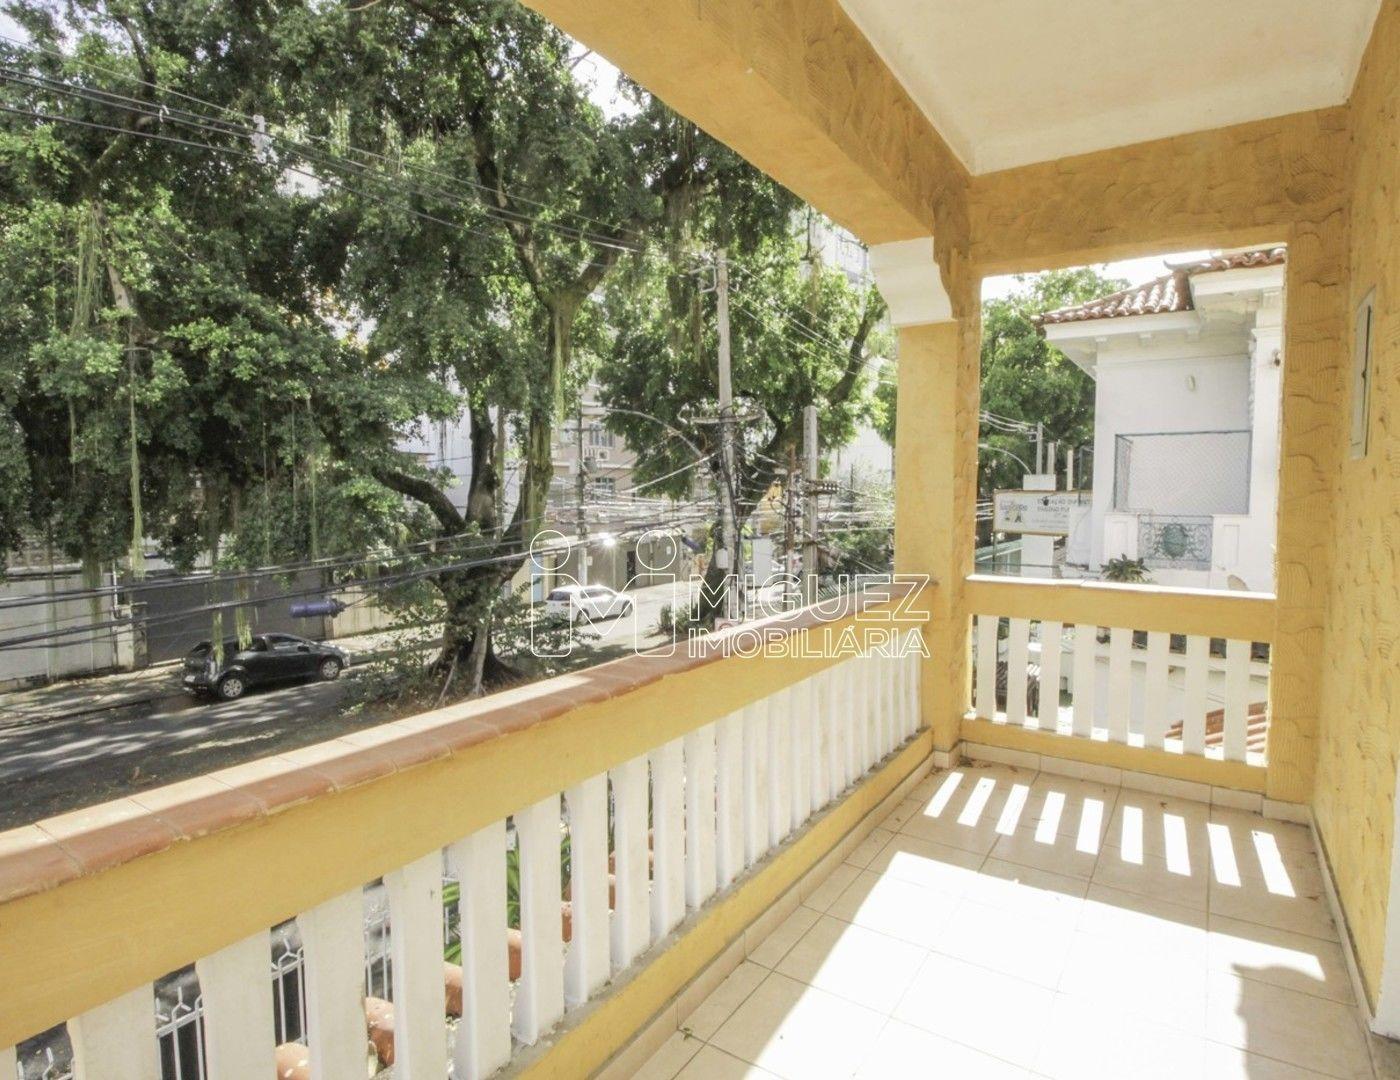 Casa, aluguel, Avenida Paula Sousa - Maracanã , Rio de janeiro